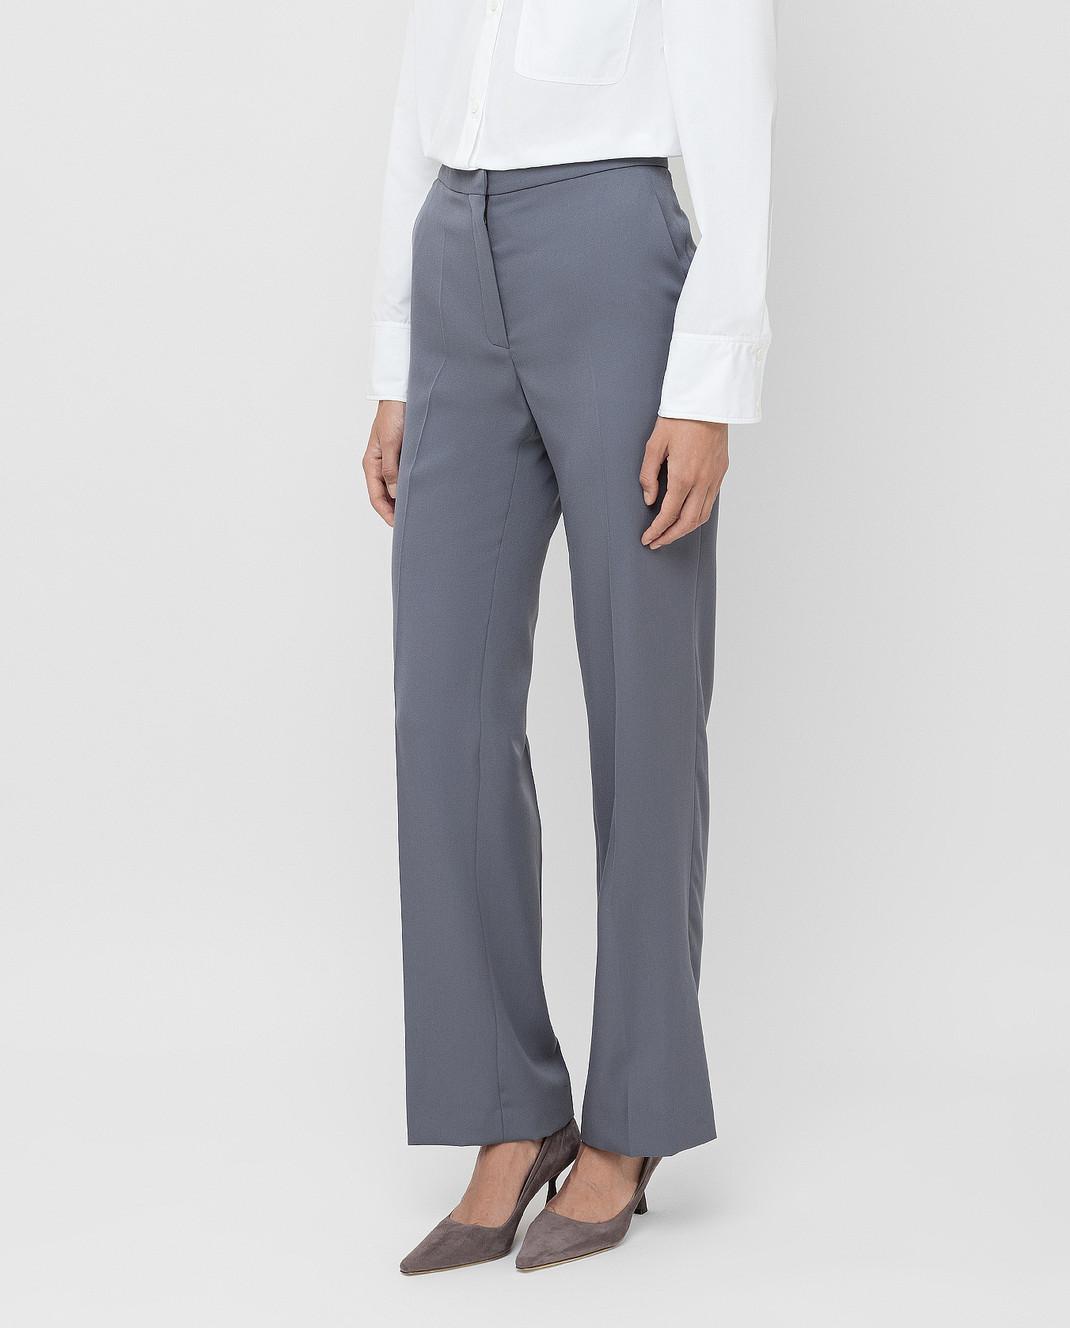 NINA RICCI Серые брюки из шерсти изображение 3